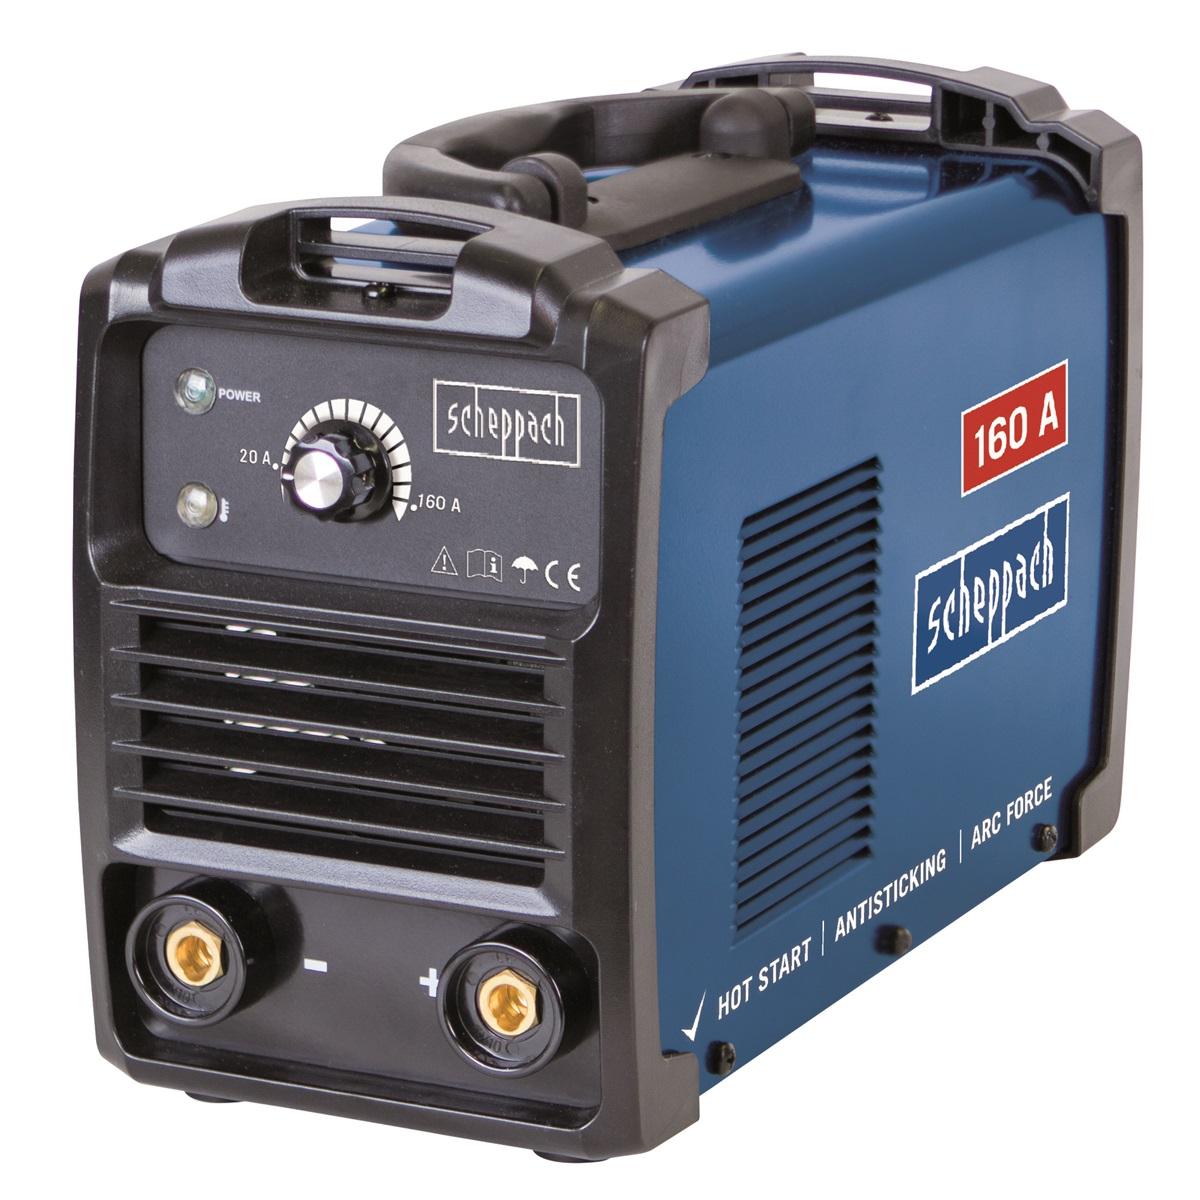 Scheppach WSE1100svářecí invertor 160 A s příslušenstvím